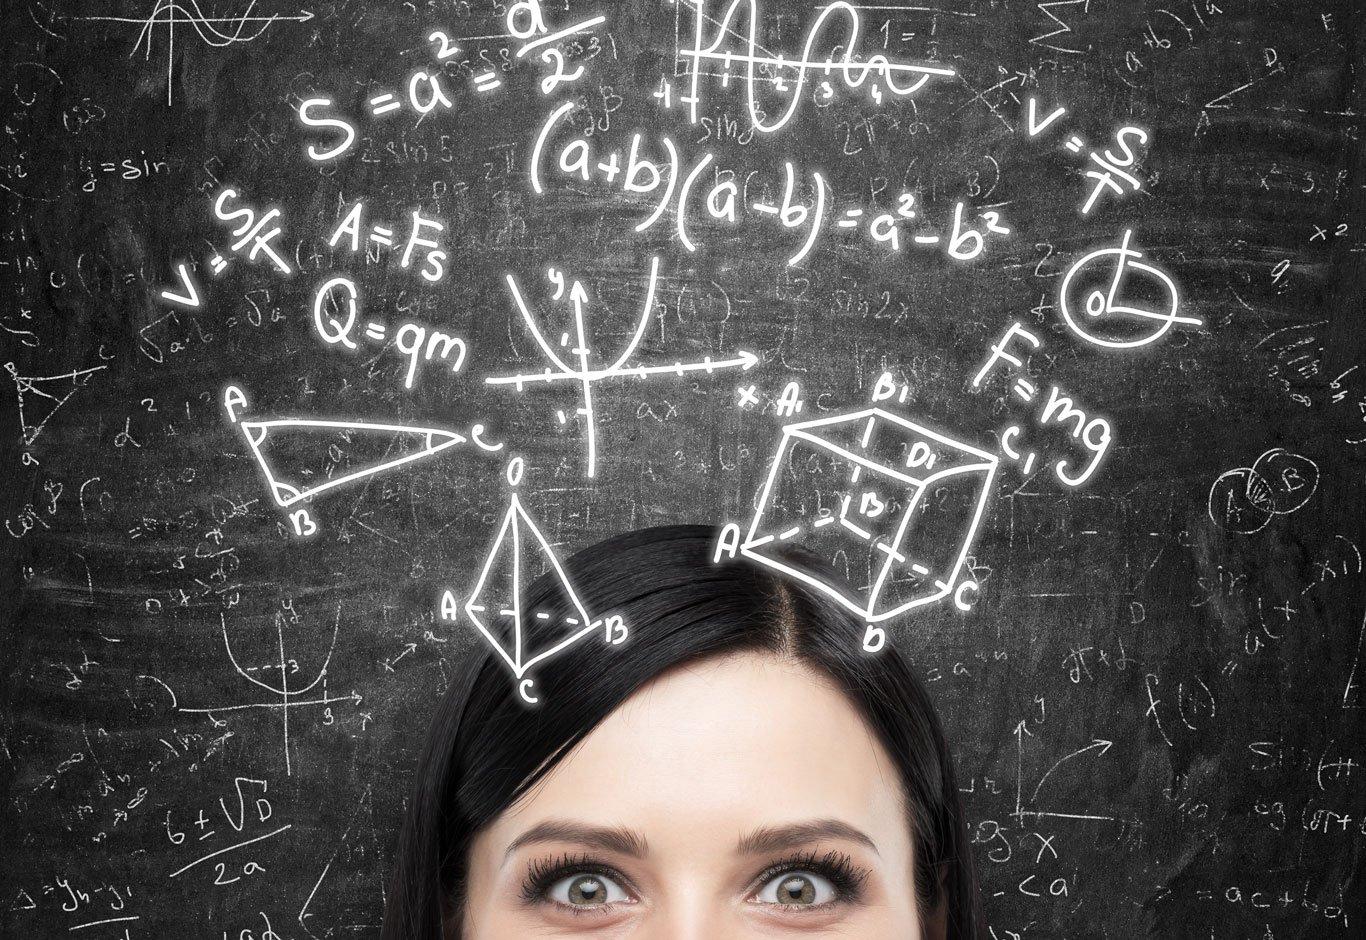 Scientist-mathematicians-women-STEM-1366-0918